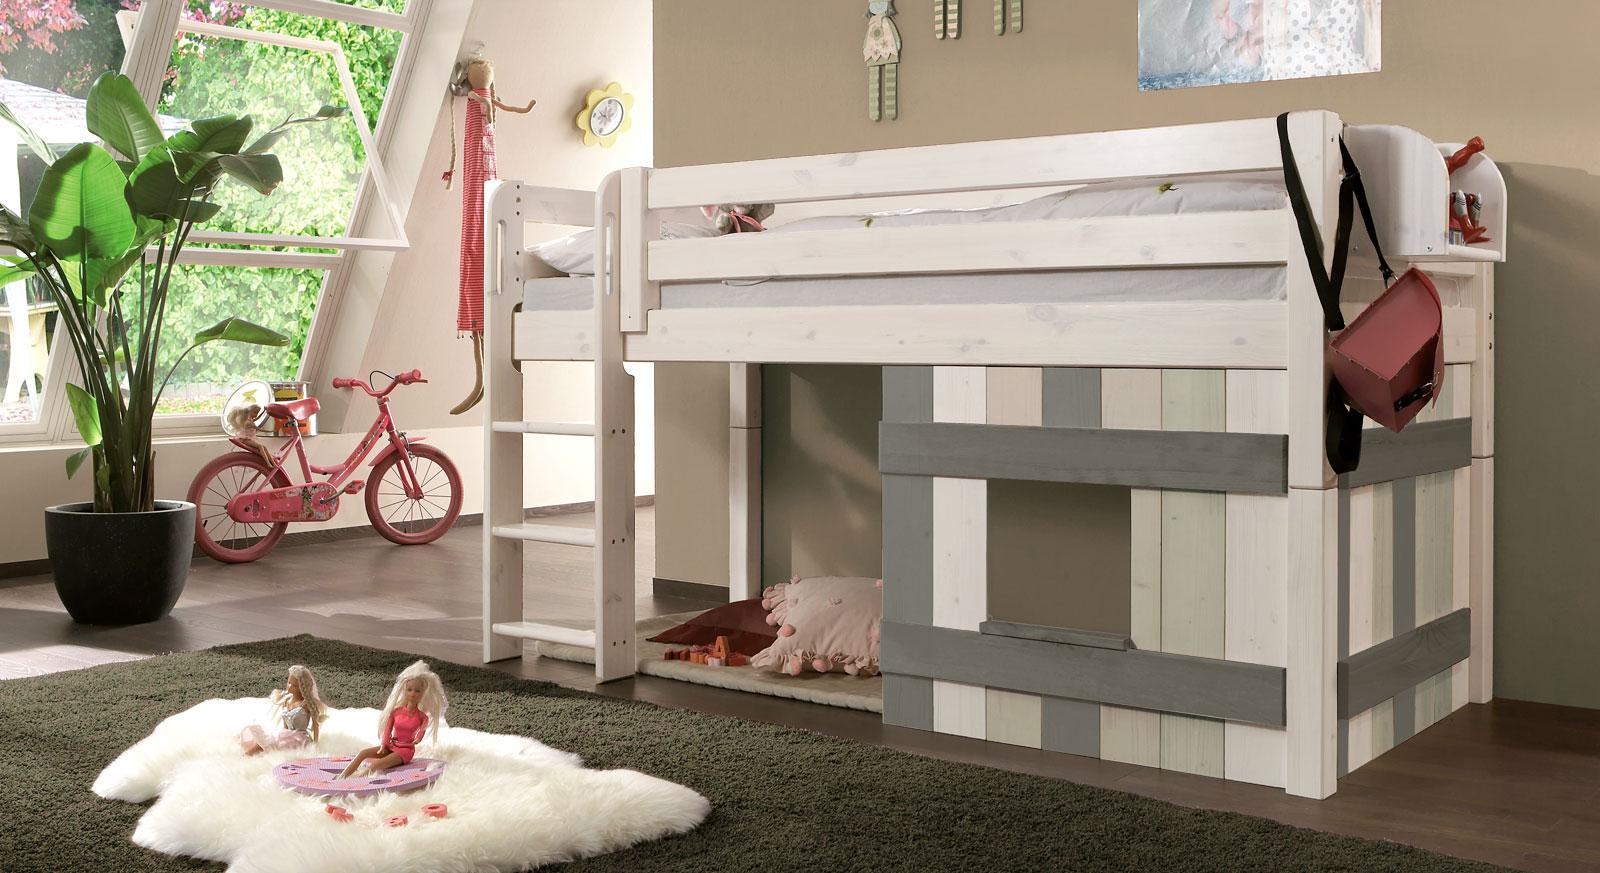 Kinderhochbett mit Leiter und Hütte aus Holz - Kids Paradise